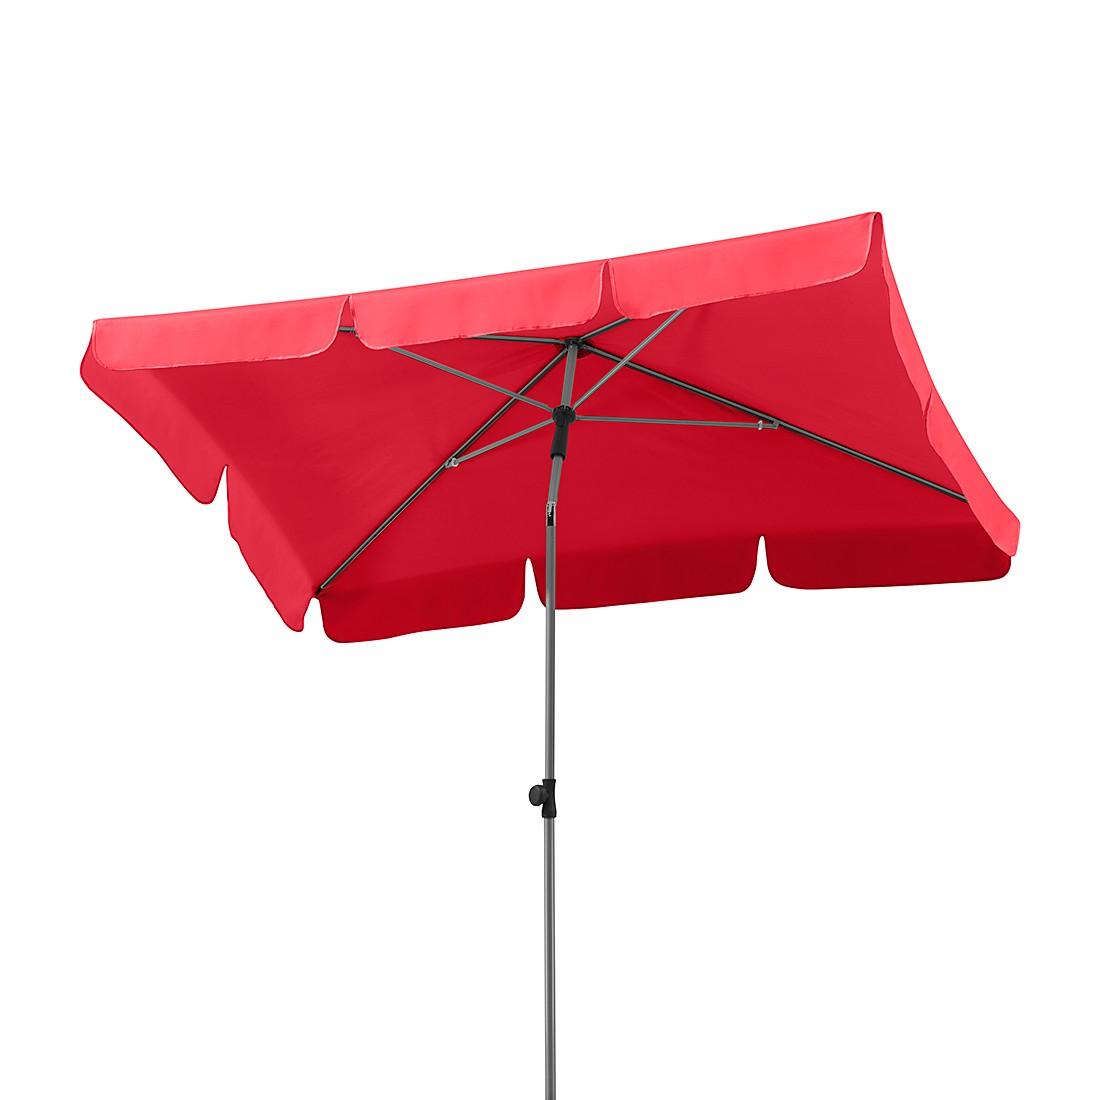 Lugano 180x120 Sonnenschirm - Stahl/Polyester - Silber/Rot, Schneider Schirme